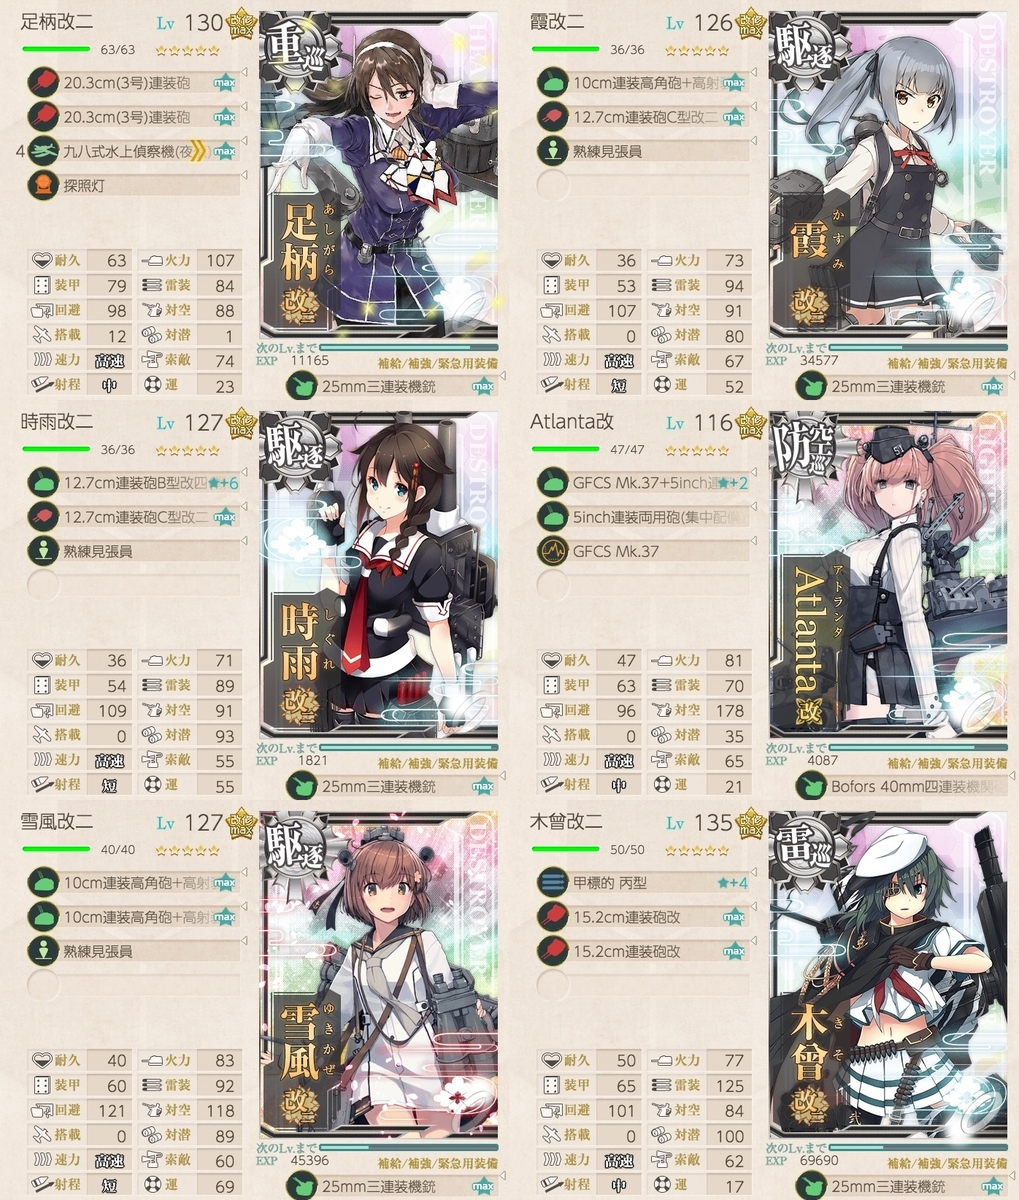 f:id:nameless_admiral:20201214012721j:plain